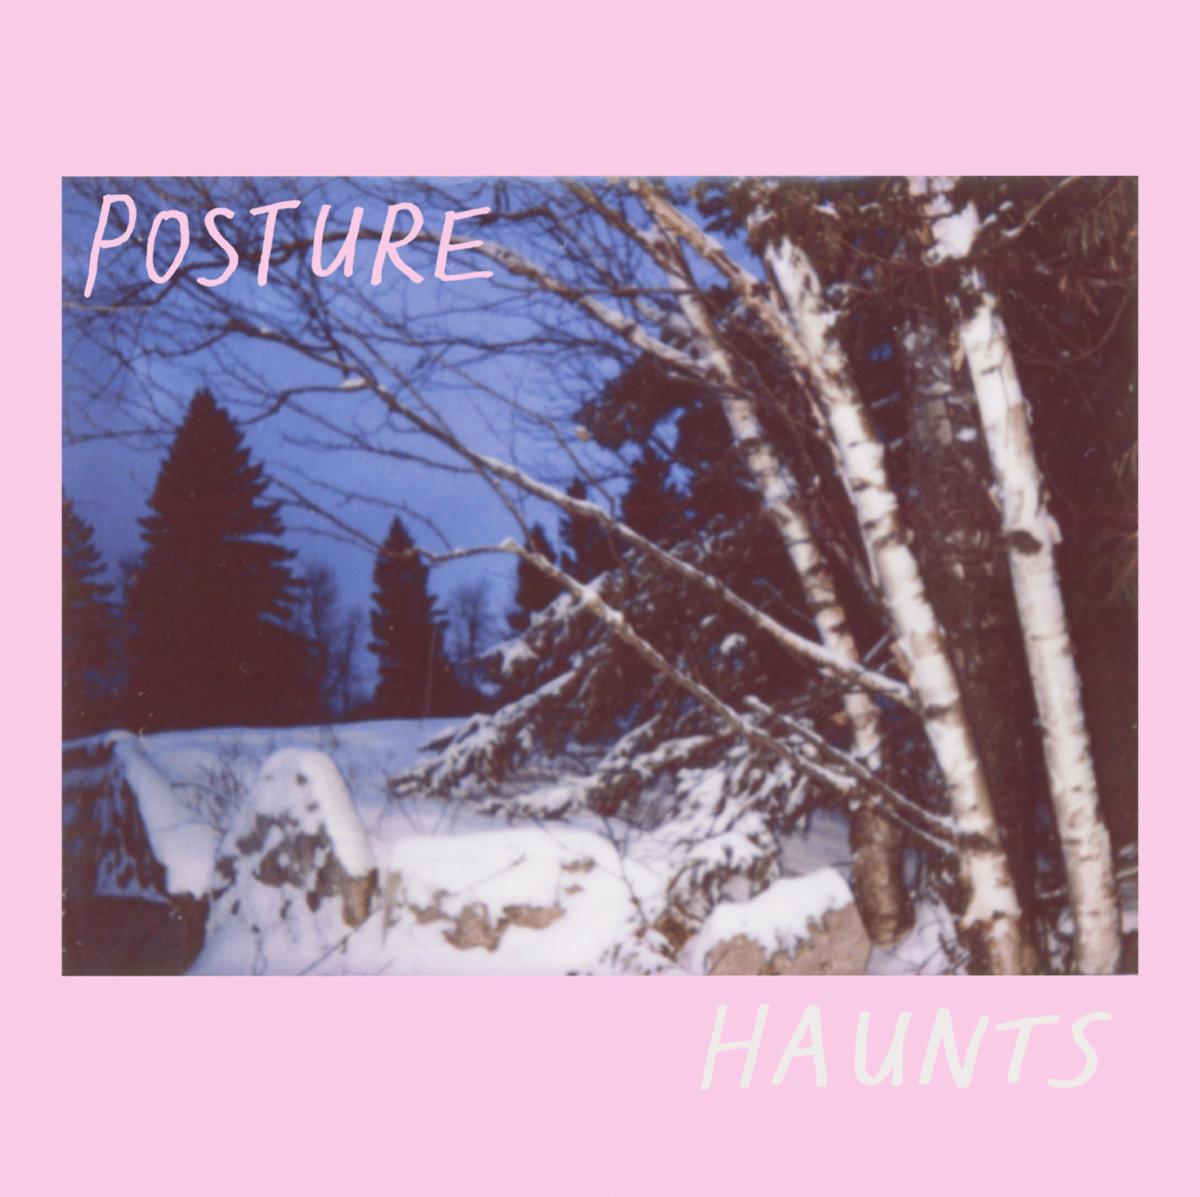 Posture - EXOSKELETONS cassette + Haunts vinyl